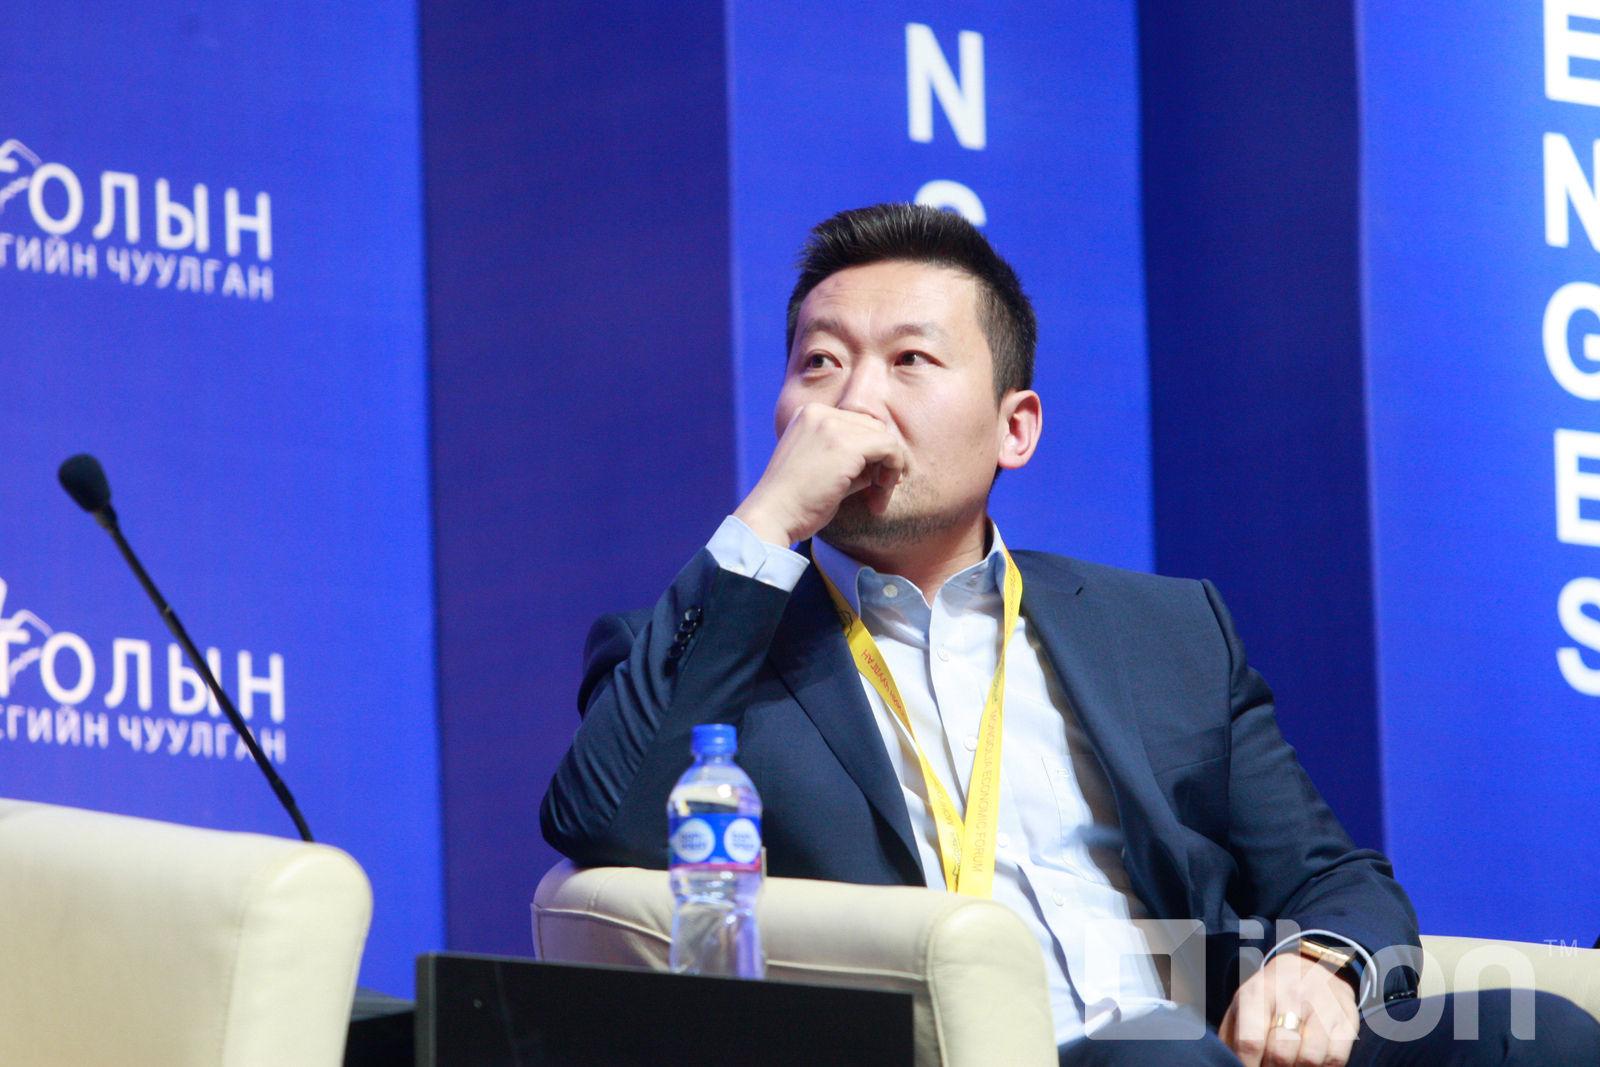 Хассуурийн Ганхуяг: Би Ардчилсан Намын даргыг амалж өрсөлдөнө